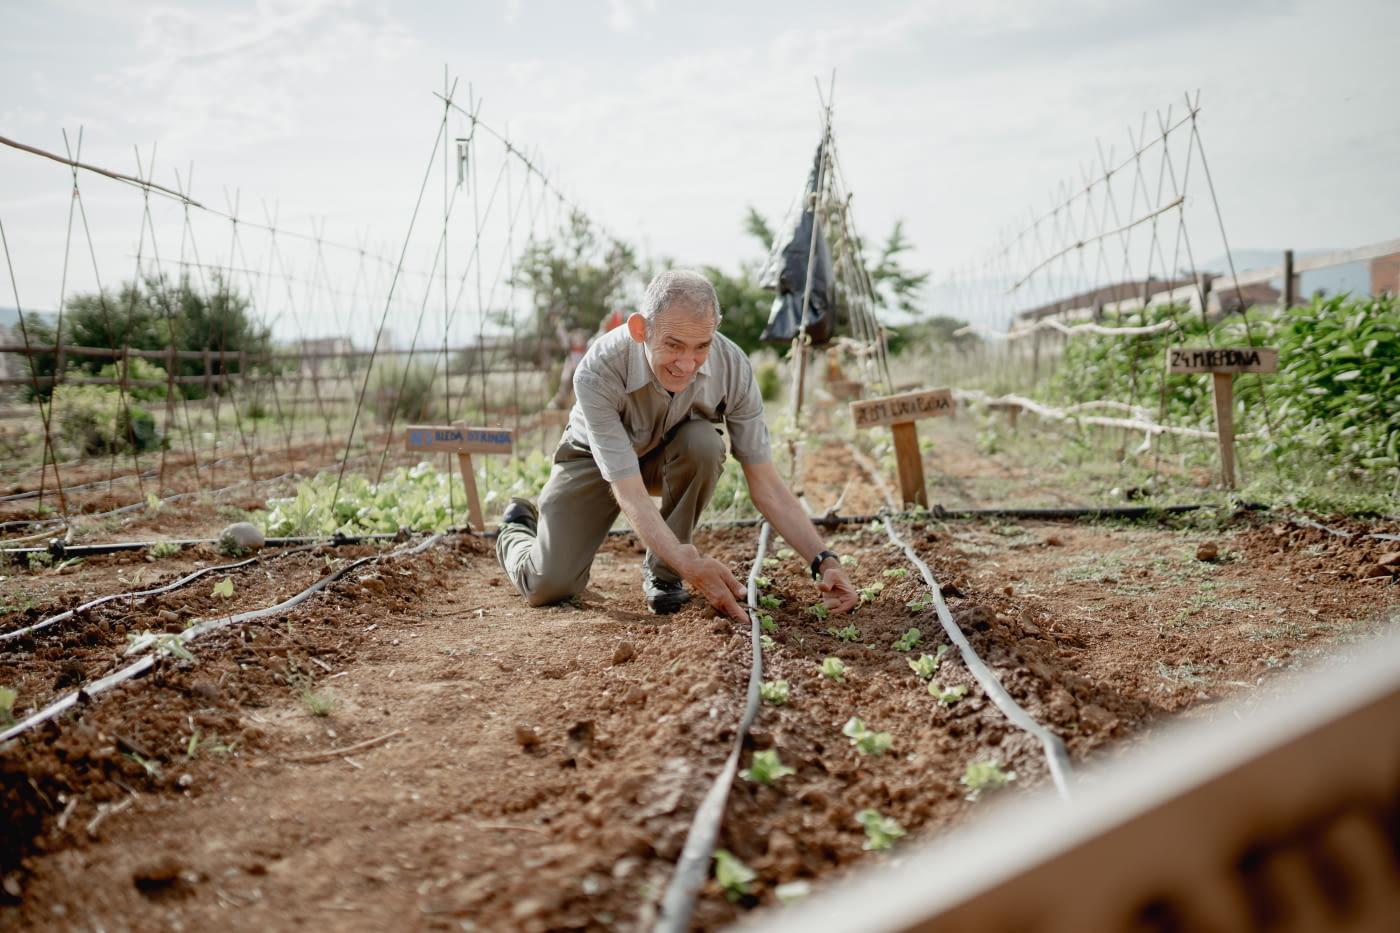 Alba Jussà inicia un crowdfunding per finançar un hivernacle pel seu projecte d'agricultura social Llavors d'Oportunitats.